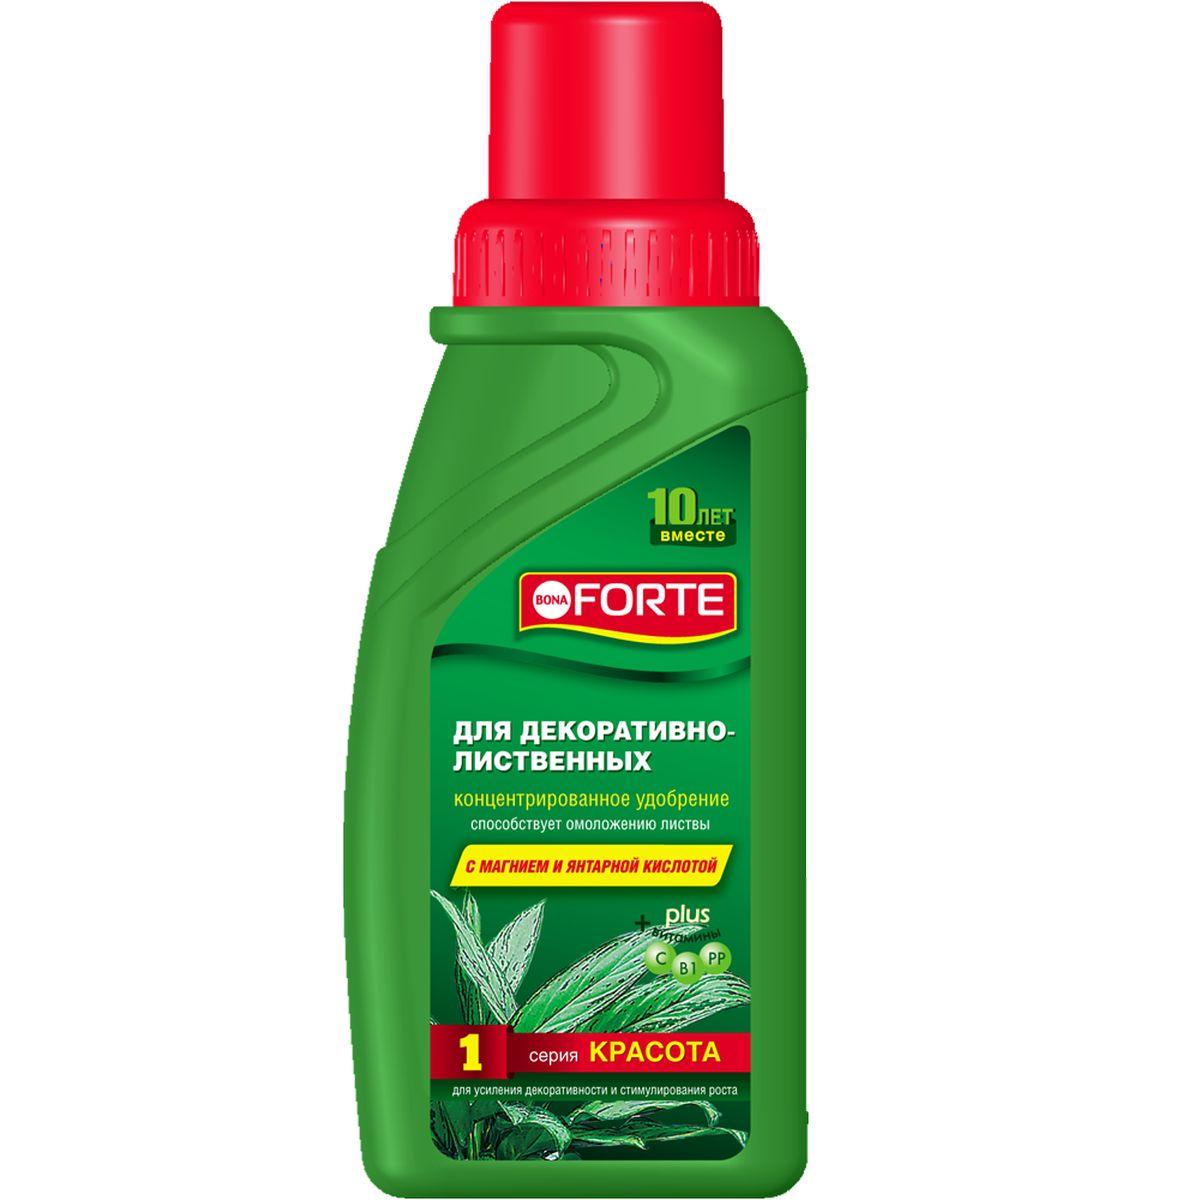 Жидкое комплексное удобрение Bona Forte, для декоративно-лиственных растений, 285 млBF-21-01-026-1Удобрение Bona Forte жидкое комплексное для декоративно-лиственных рекомендуется для придания сочной зелени и поддержания упругости листьев всех видов декоративно-лиственных растений.Высококонцентрированный, насыщенный состав: - NPK +Mg (5:3:4 +1); - Витамины (C, B1, PP); - Микроэлементы (в хелатной форме); - Стимулятор роста (янтарная кислота).